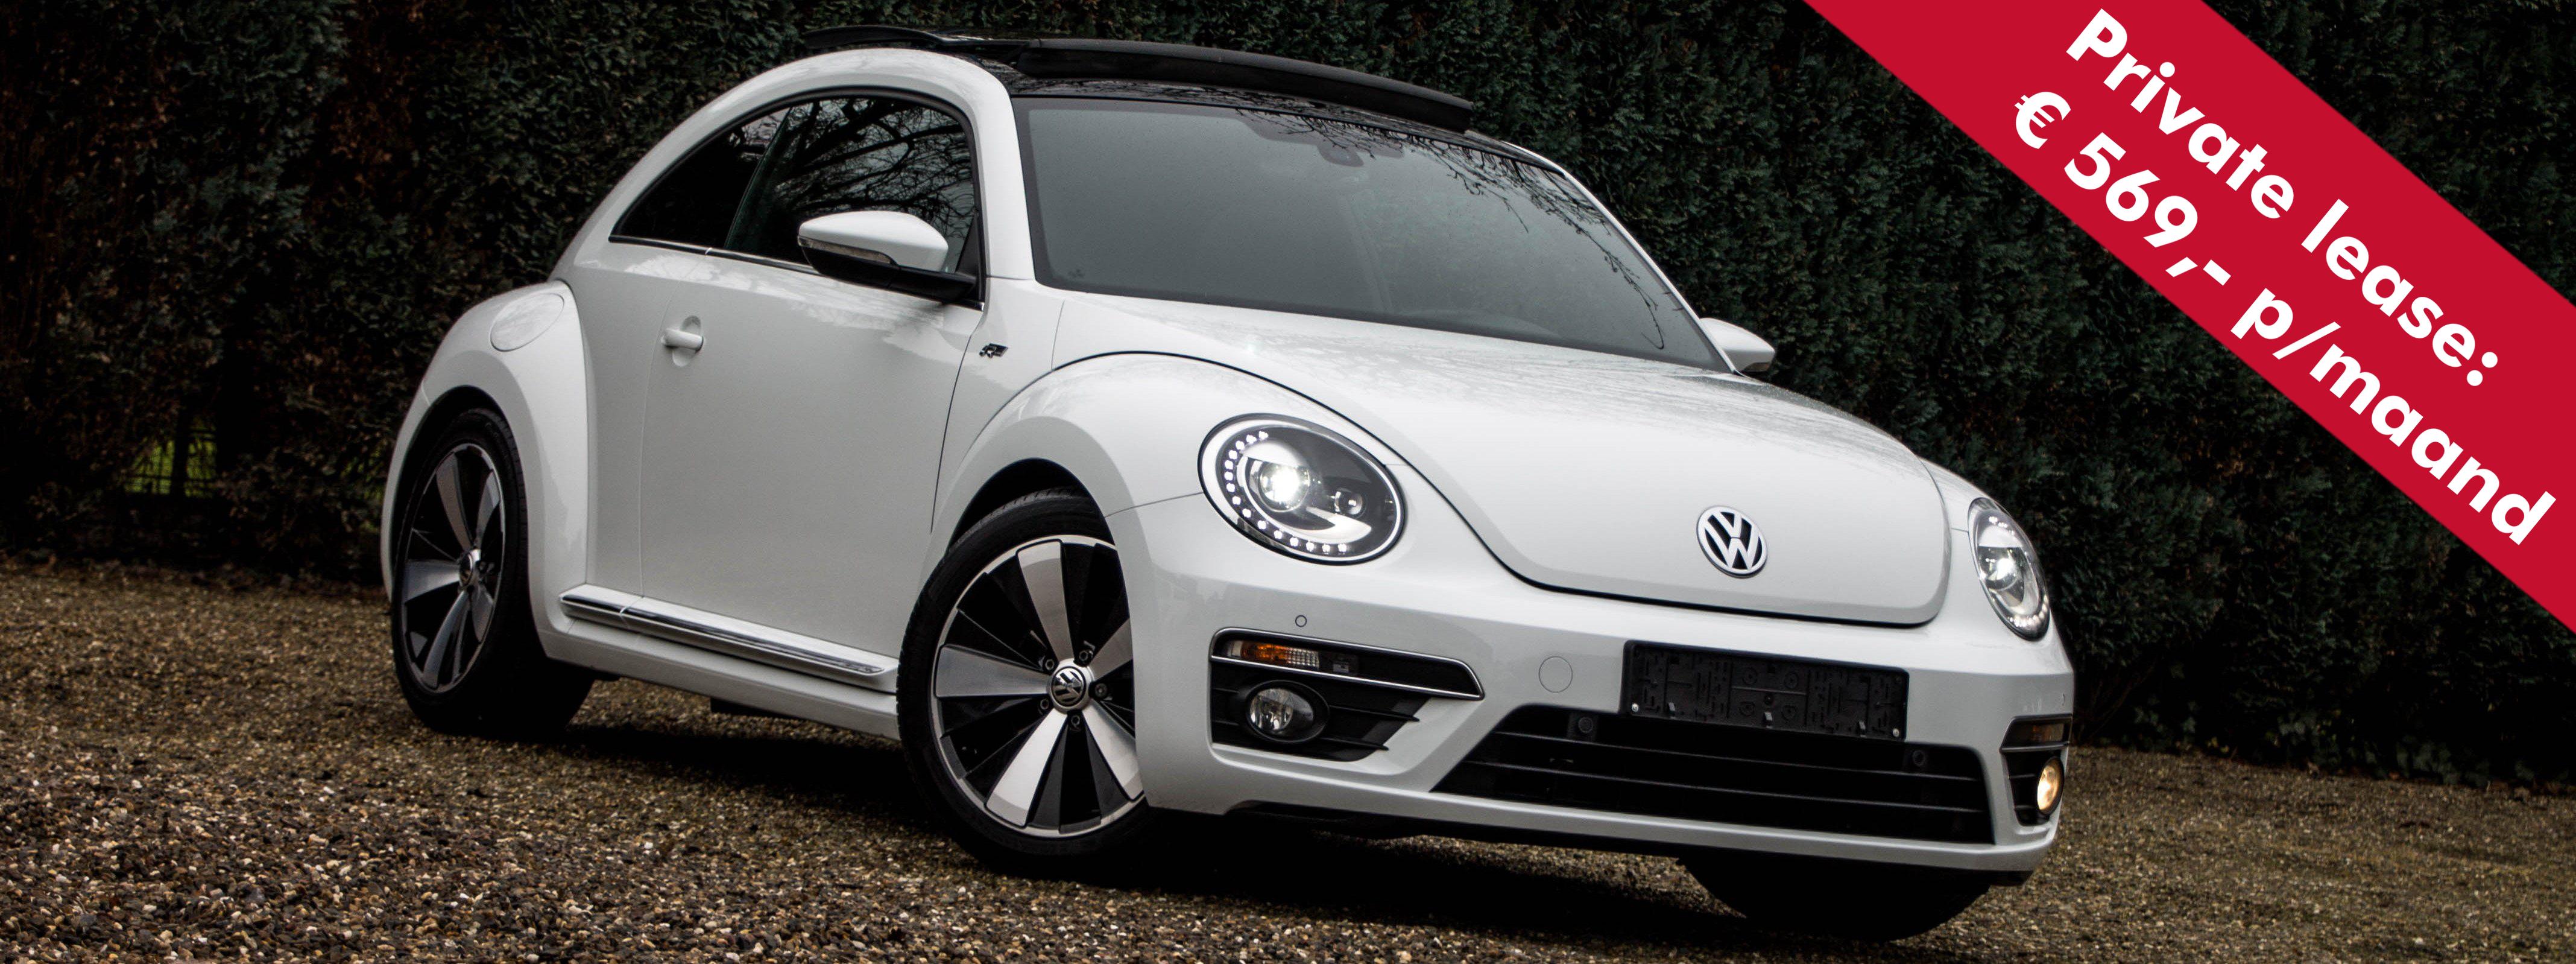 Stijlvol en sportief, Volkswagen Beetle R-Line